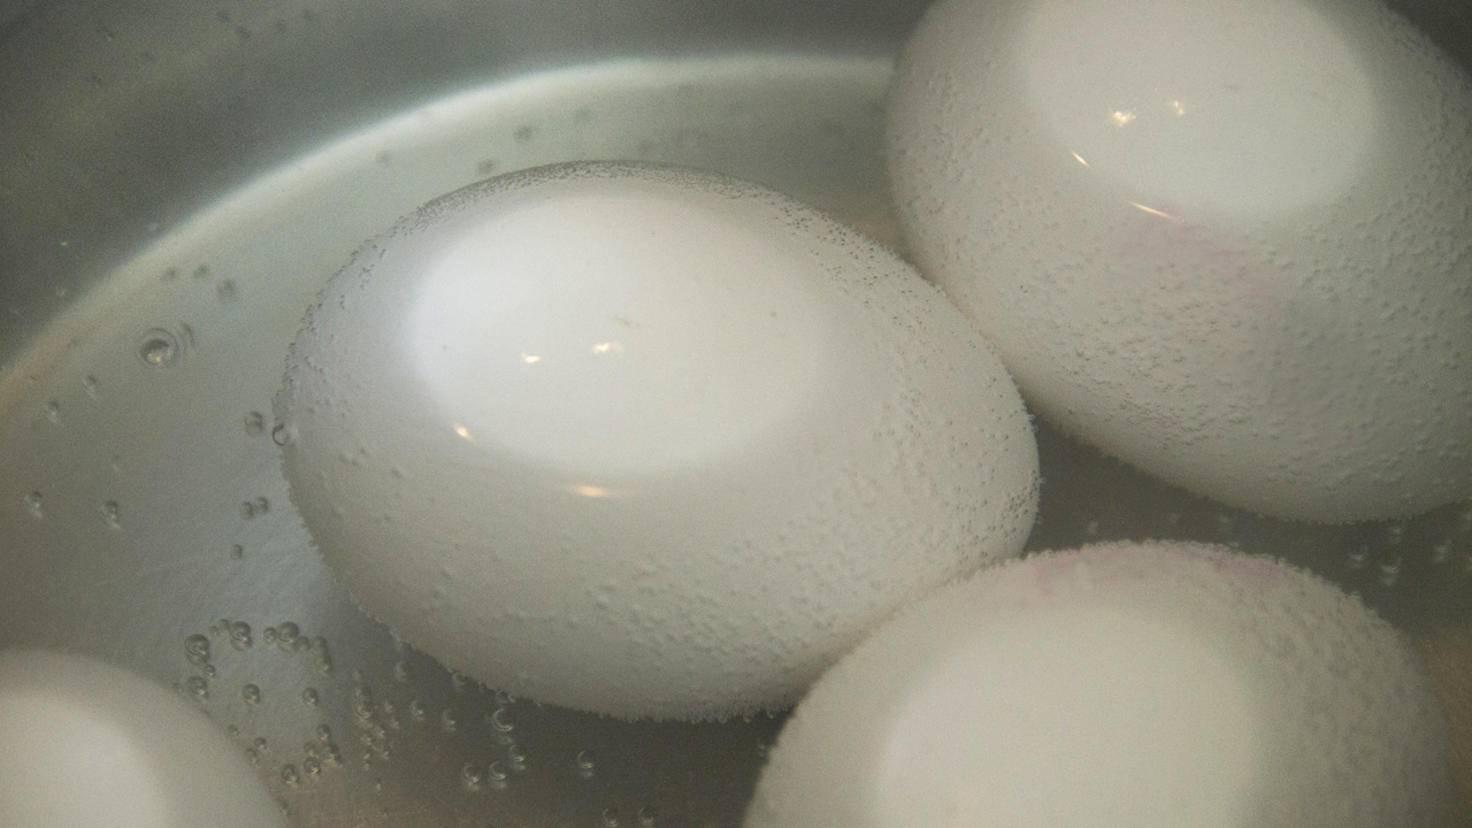 Wer Eier im heißen Wasser gar ziehen lässt, verringert die Chance, sie zu lang zu kochen.